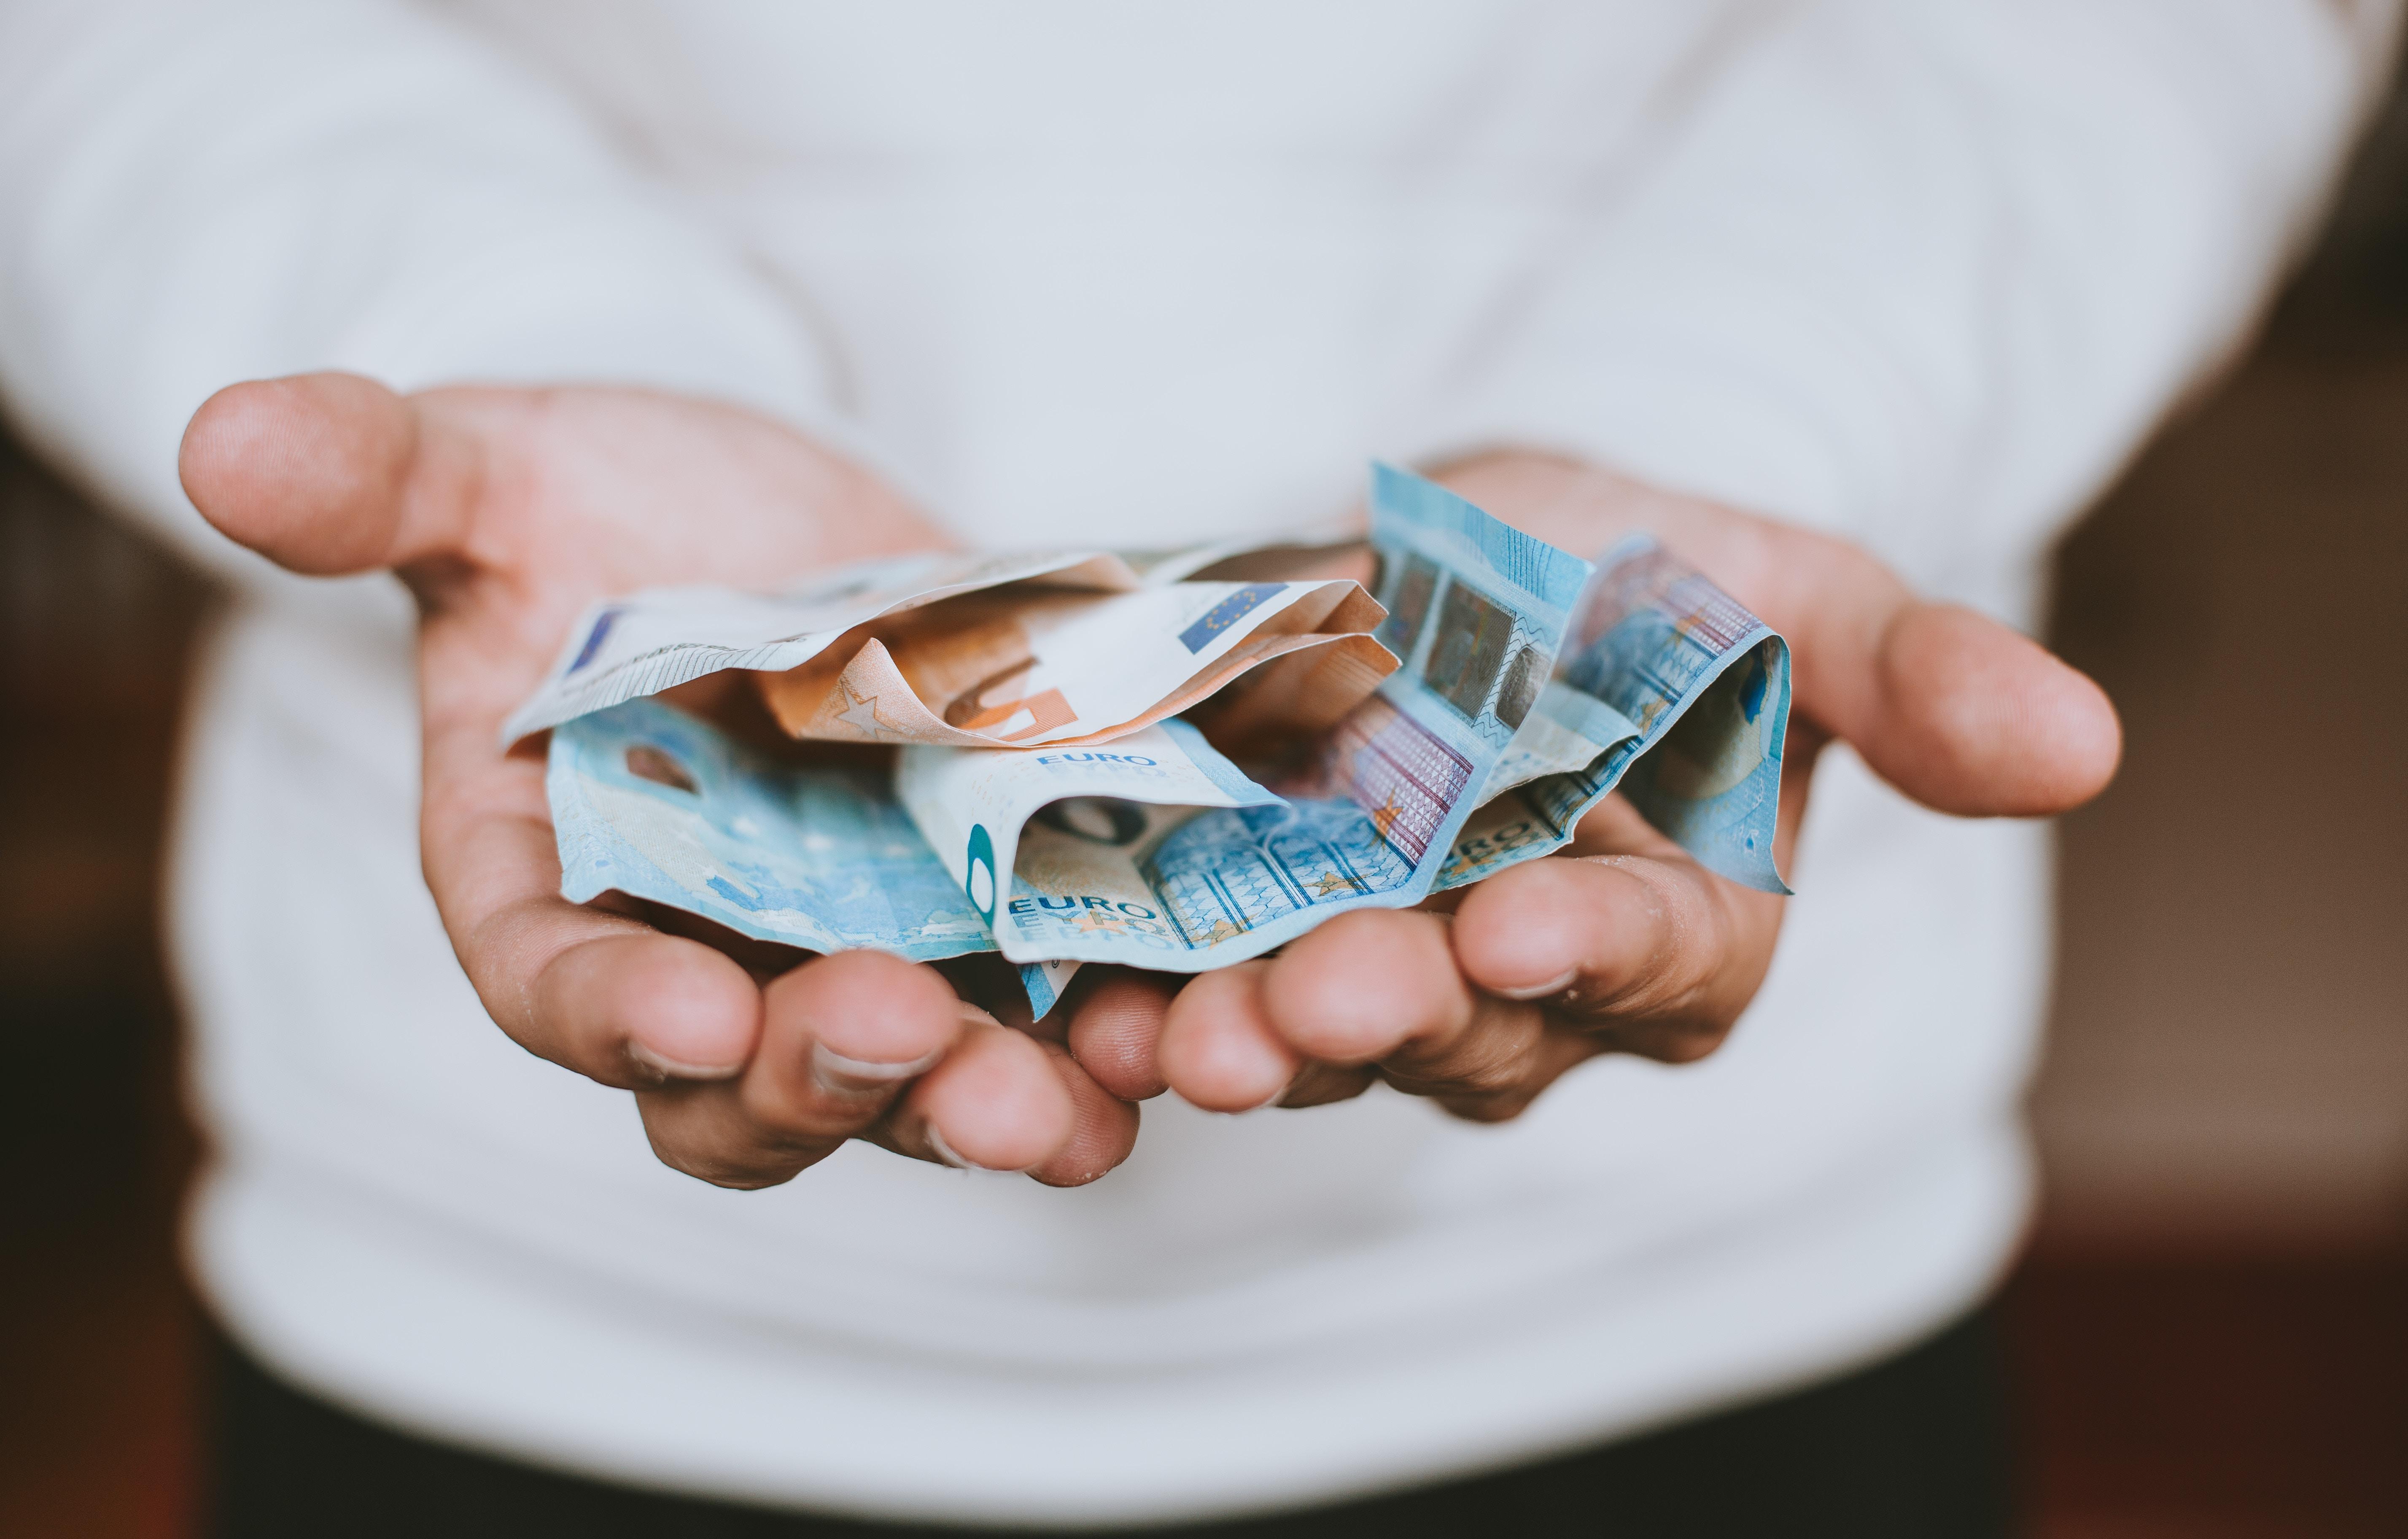 bijstandsuitkering terugbetalen